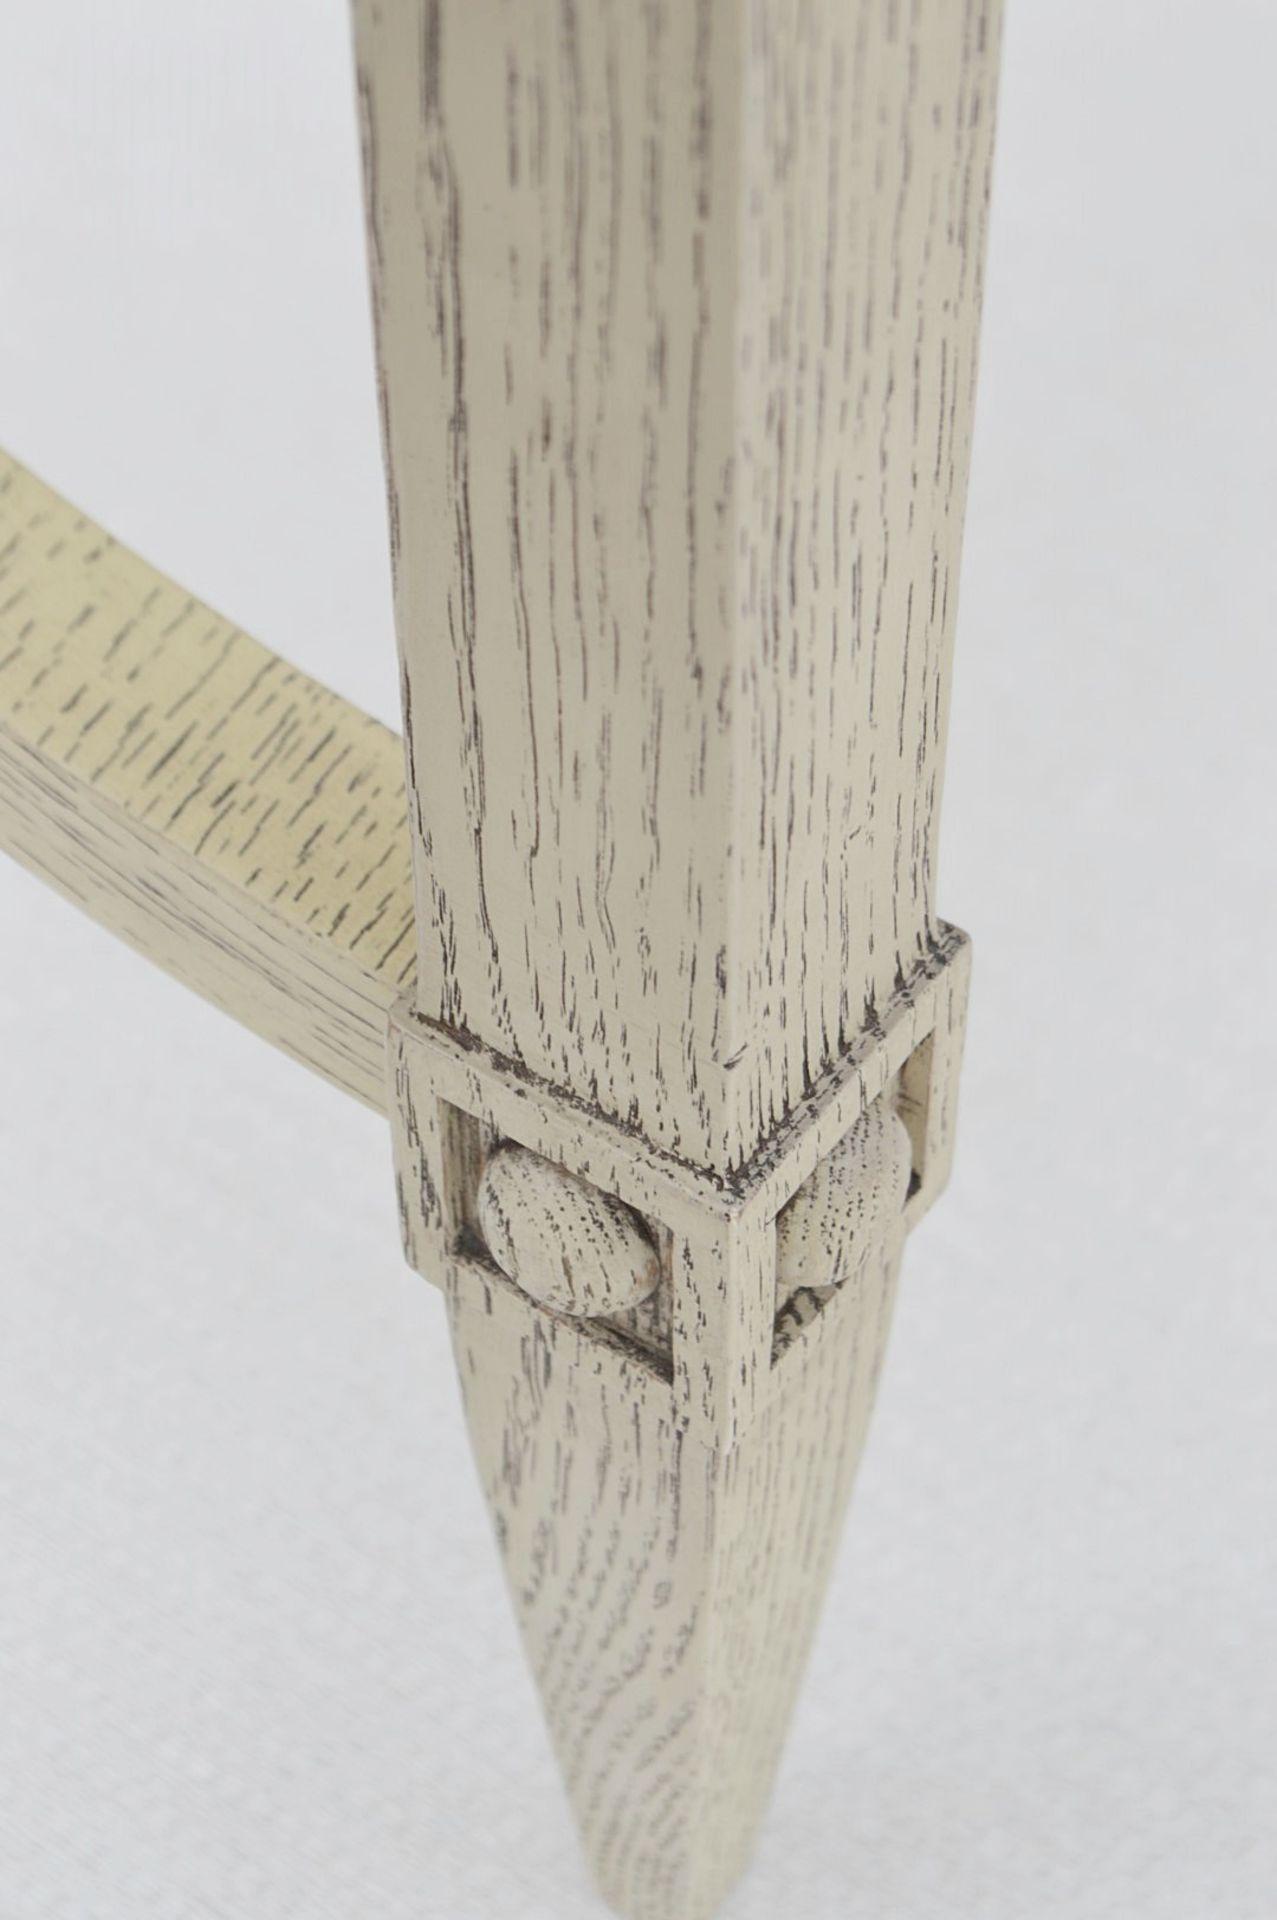 1 x JUSTIN VAN BREDA 'Thomas' Designer Georgian-inspired Occasional Table - Original RRP £1,320 - Image 7 of 8